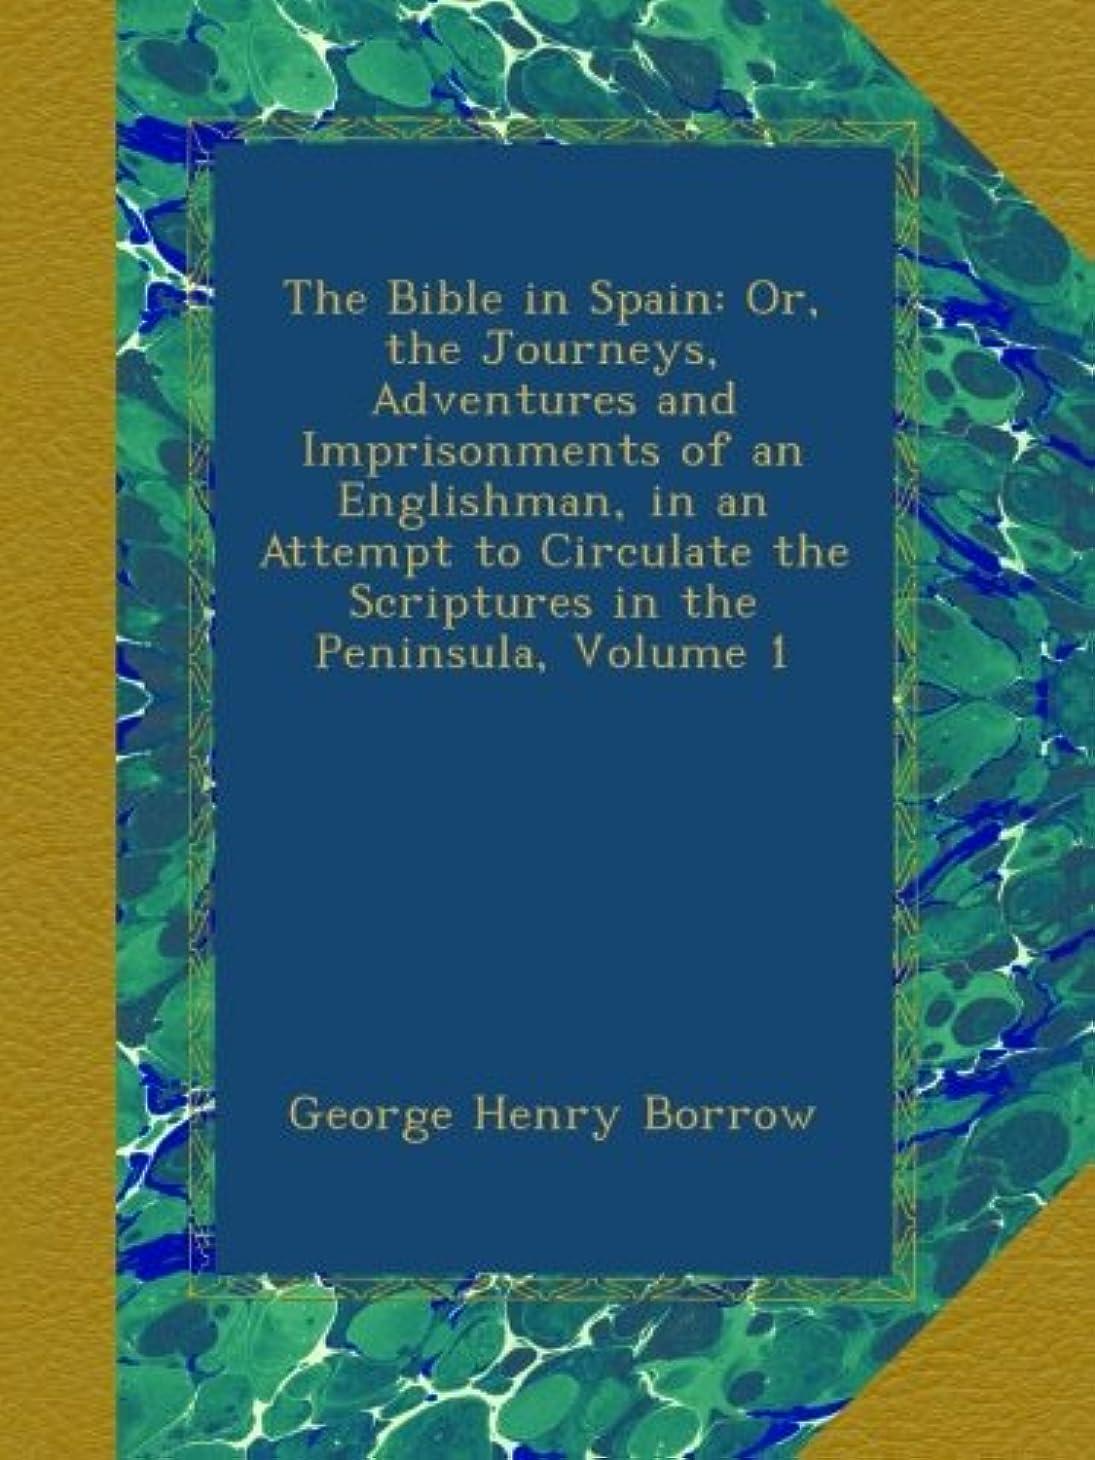 時代日アベニューThe Bible in Spain: Or, the Journeys, Adventures and Imprisonments of an Englishman, in an Attempt to Circulate the Scriptures in the Peninsula, Volume 1